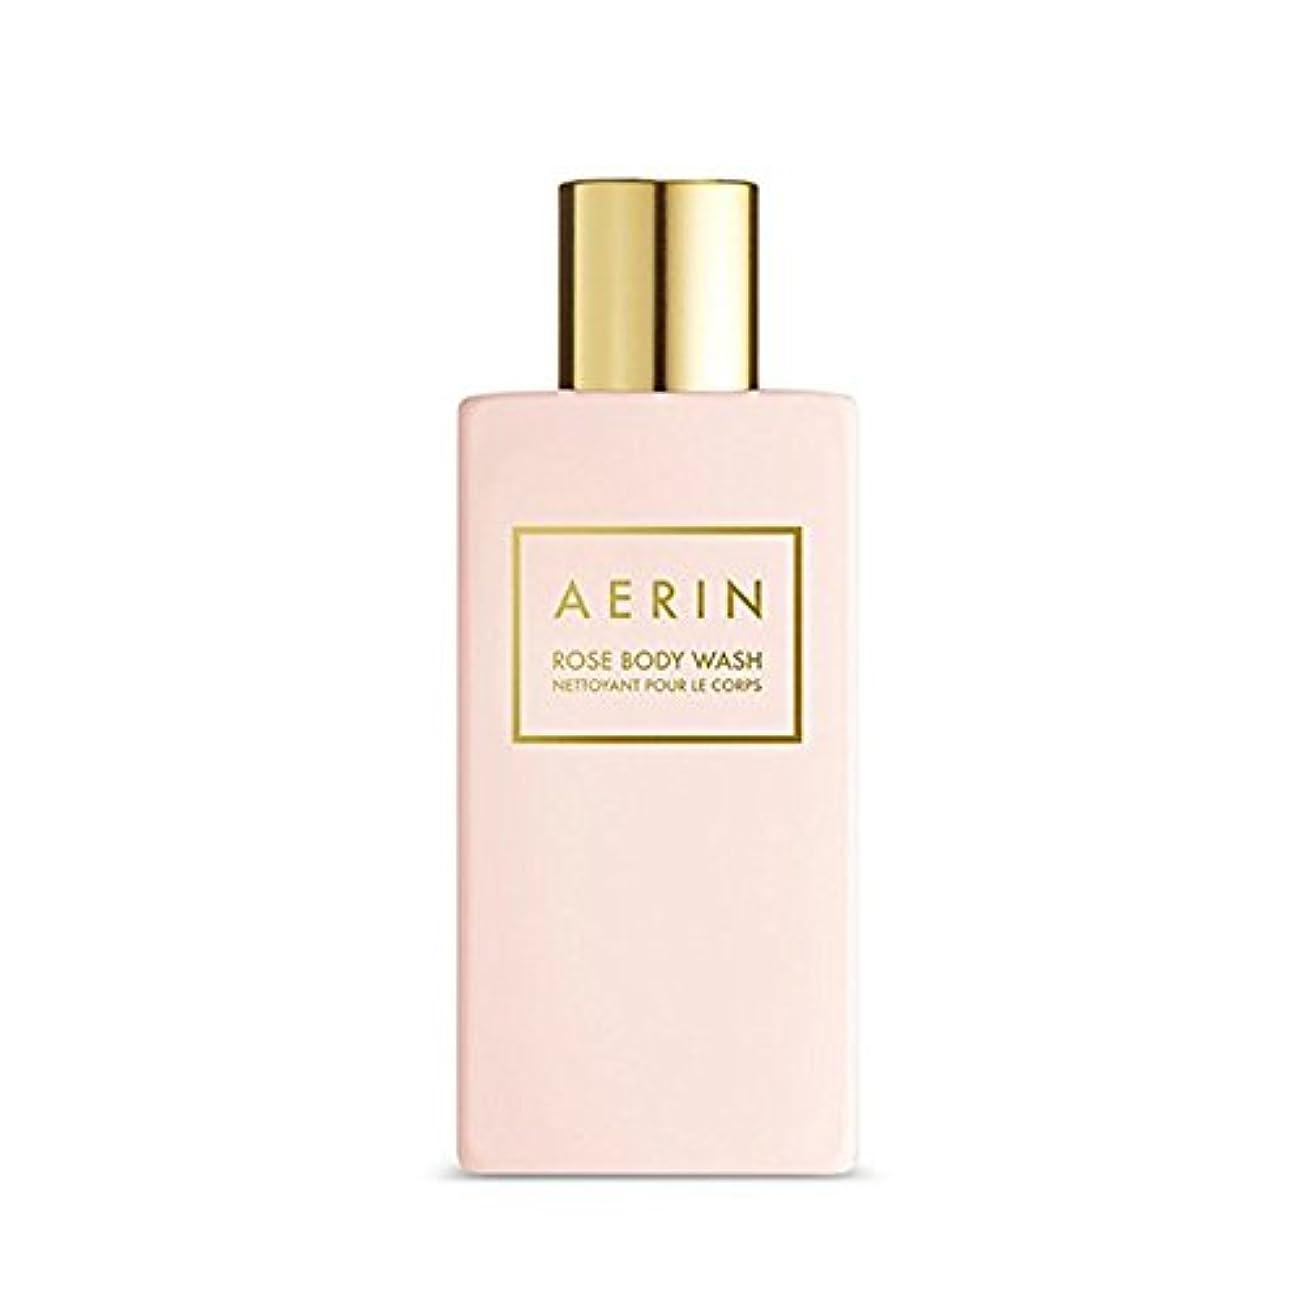 浴室治す唇AERIN Rose Body Wash(アエリン ローズ ボディー ウオッシュ) 7.6 oz (225ml) by Estee Lauder